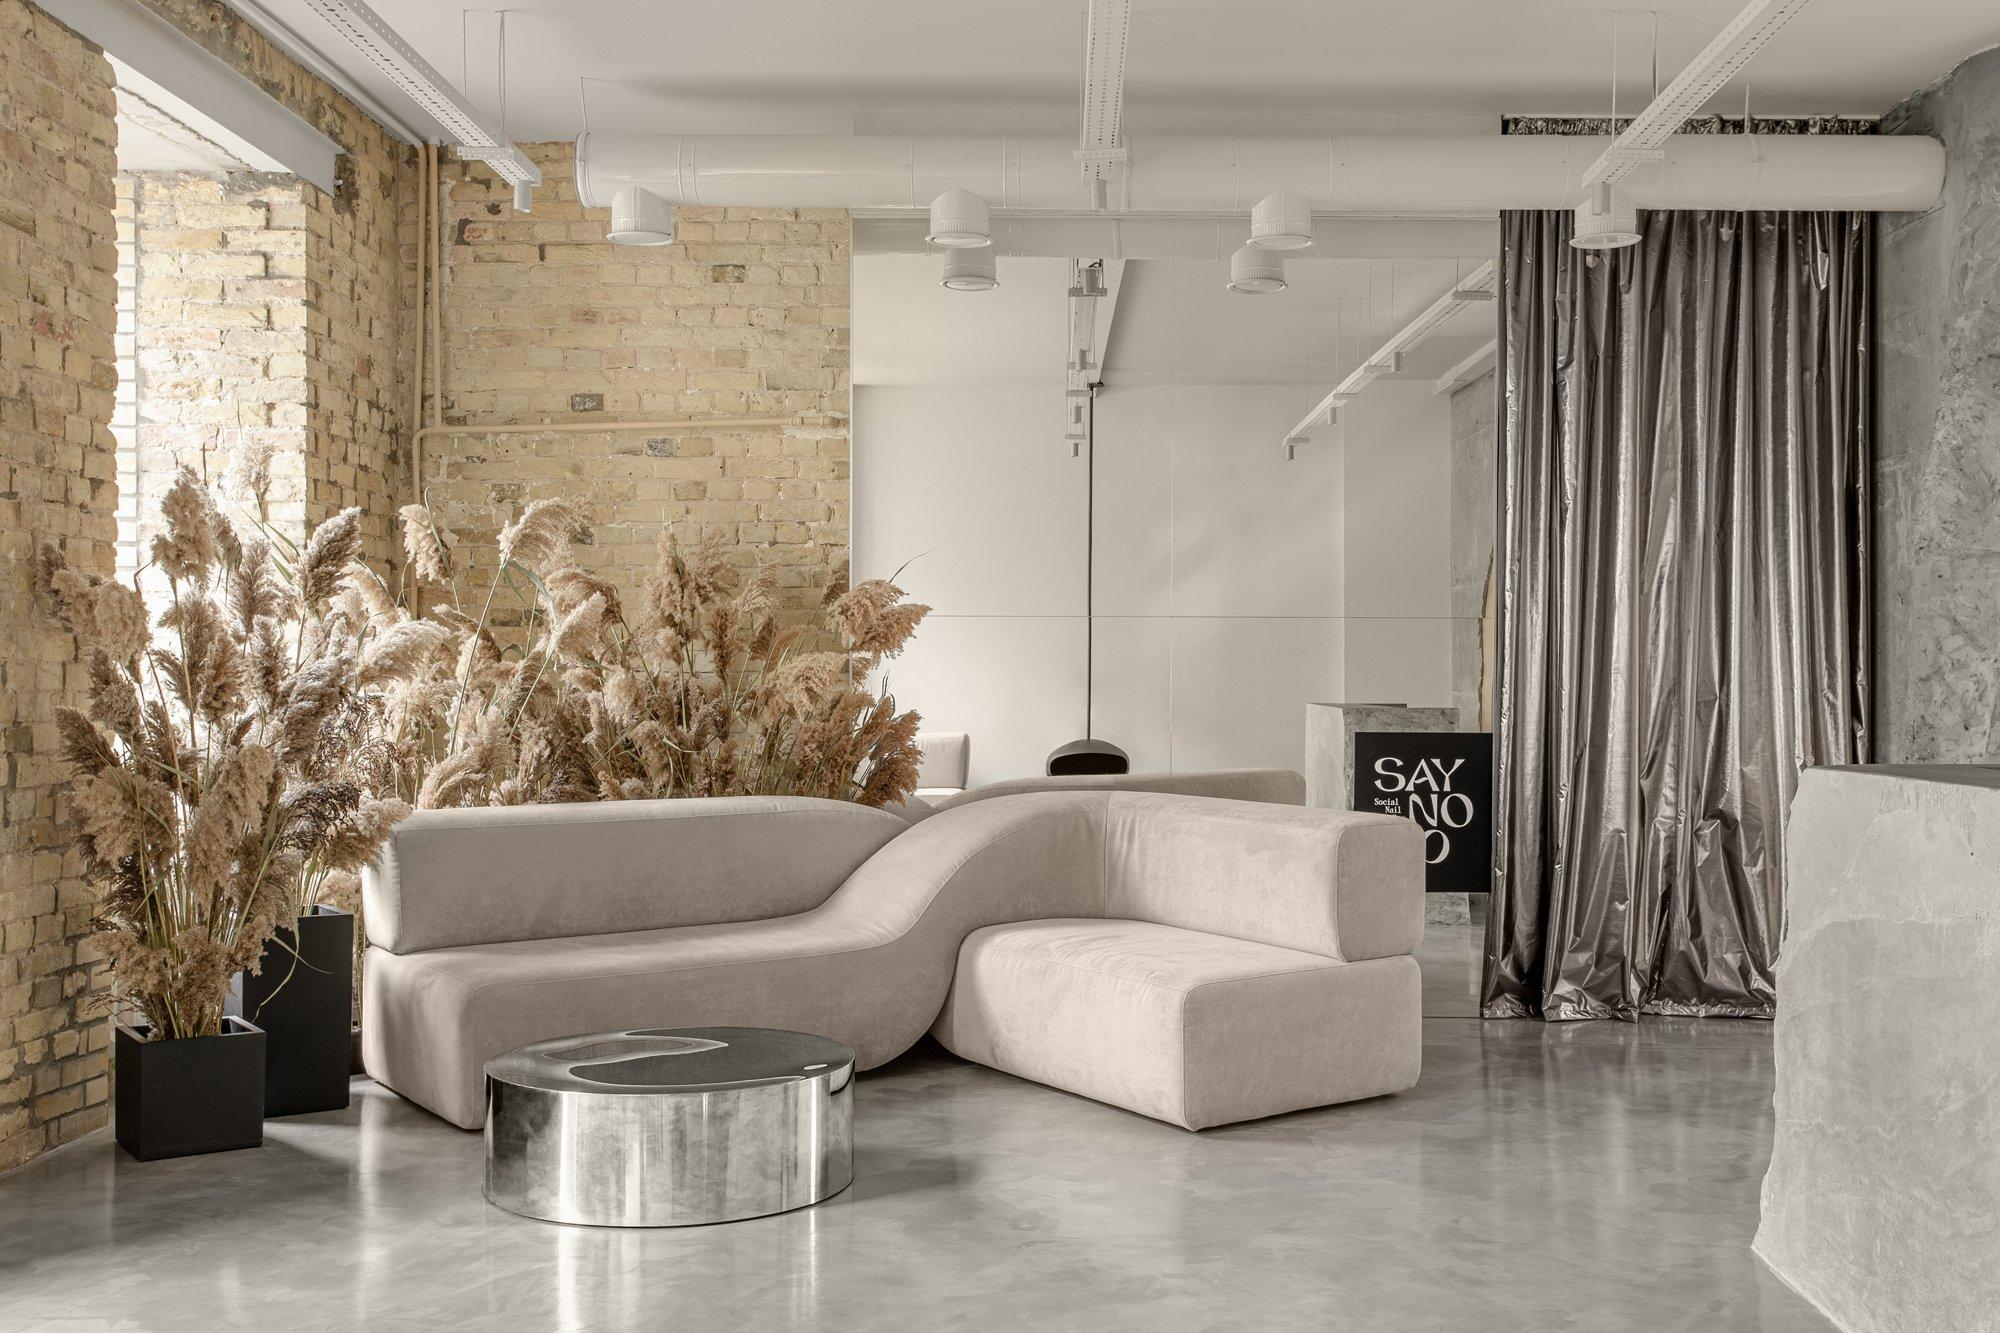 Auf schimmernde Nuancen setzt ein silbriger Vorhang, der vor einer verspiegelten Wand platziert ist und die Illusion eines dahinter liegenden Raumes erweckt.